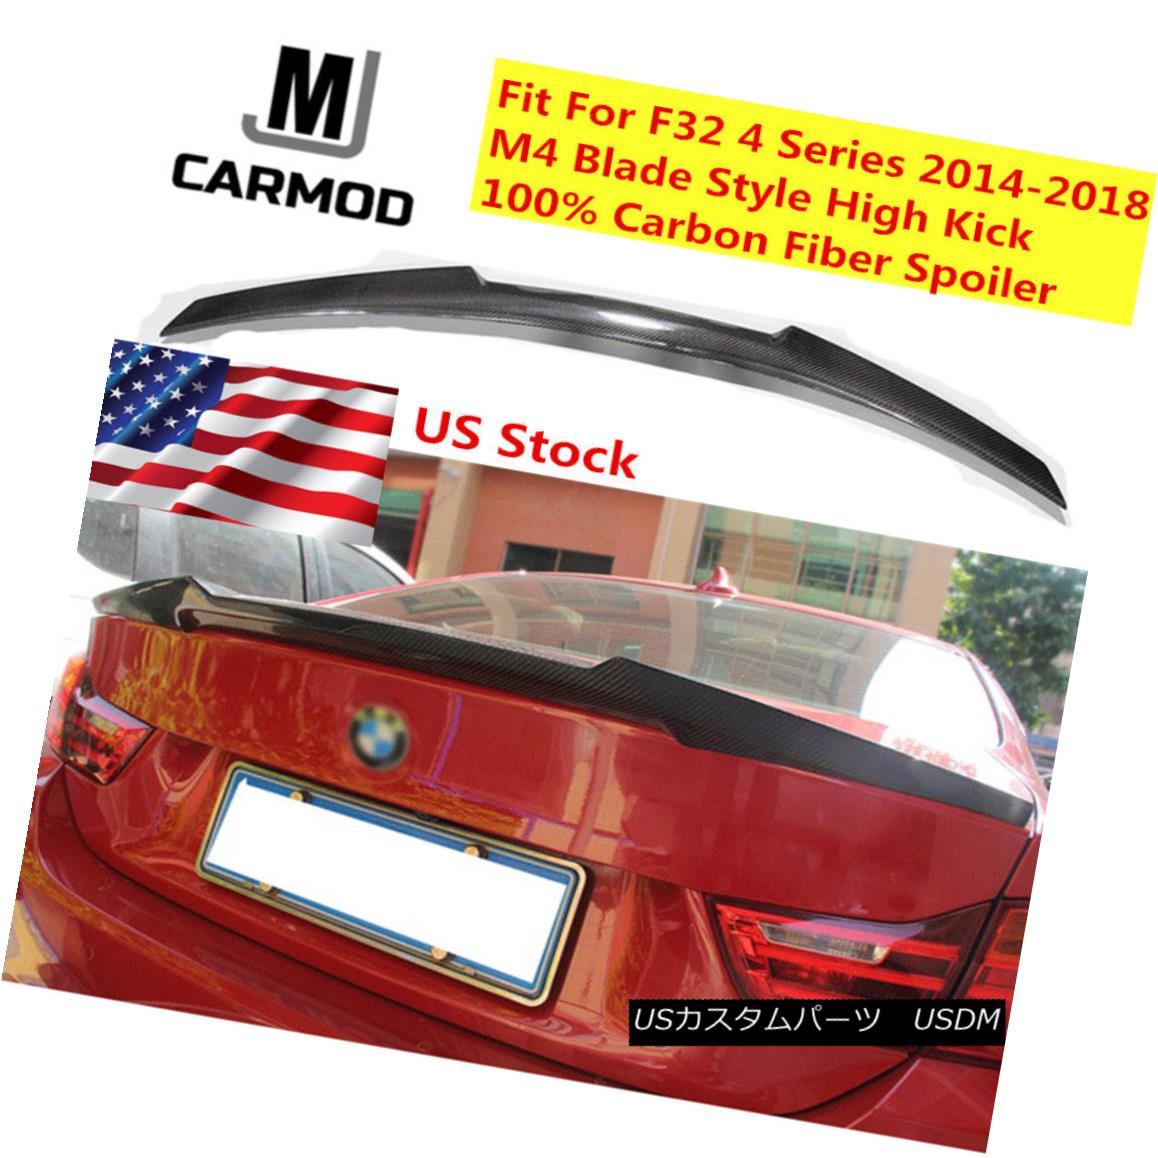 エアロパーツ Carbon Fiber Lip Trunk Spoiler FIT FOR BMW F32 4 SERIES 430i 428i 2014 + M4 TYPE カーボンファイバーリップトランク・スポイラーBMW F32 4シリーズ430i 428i 2014 + M4 TYPE